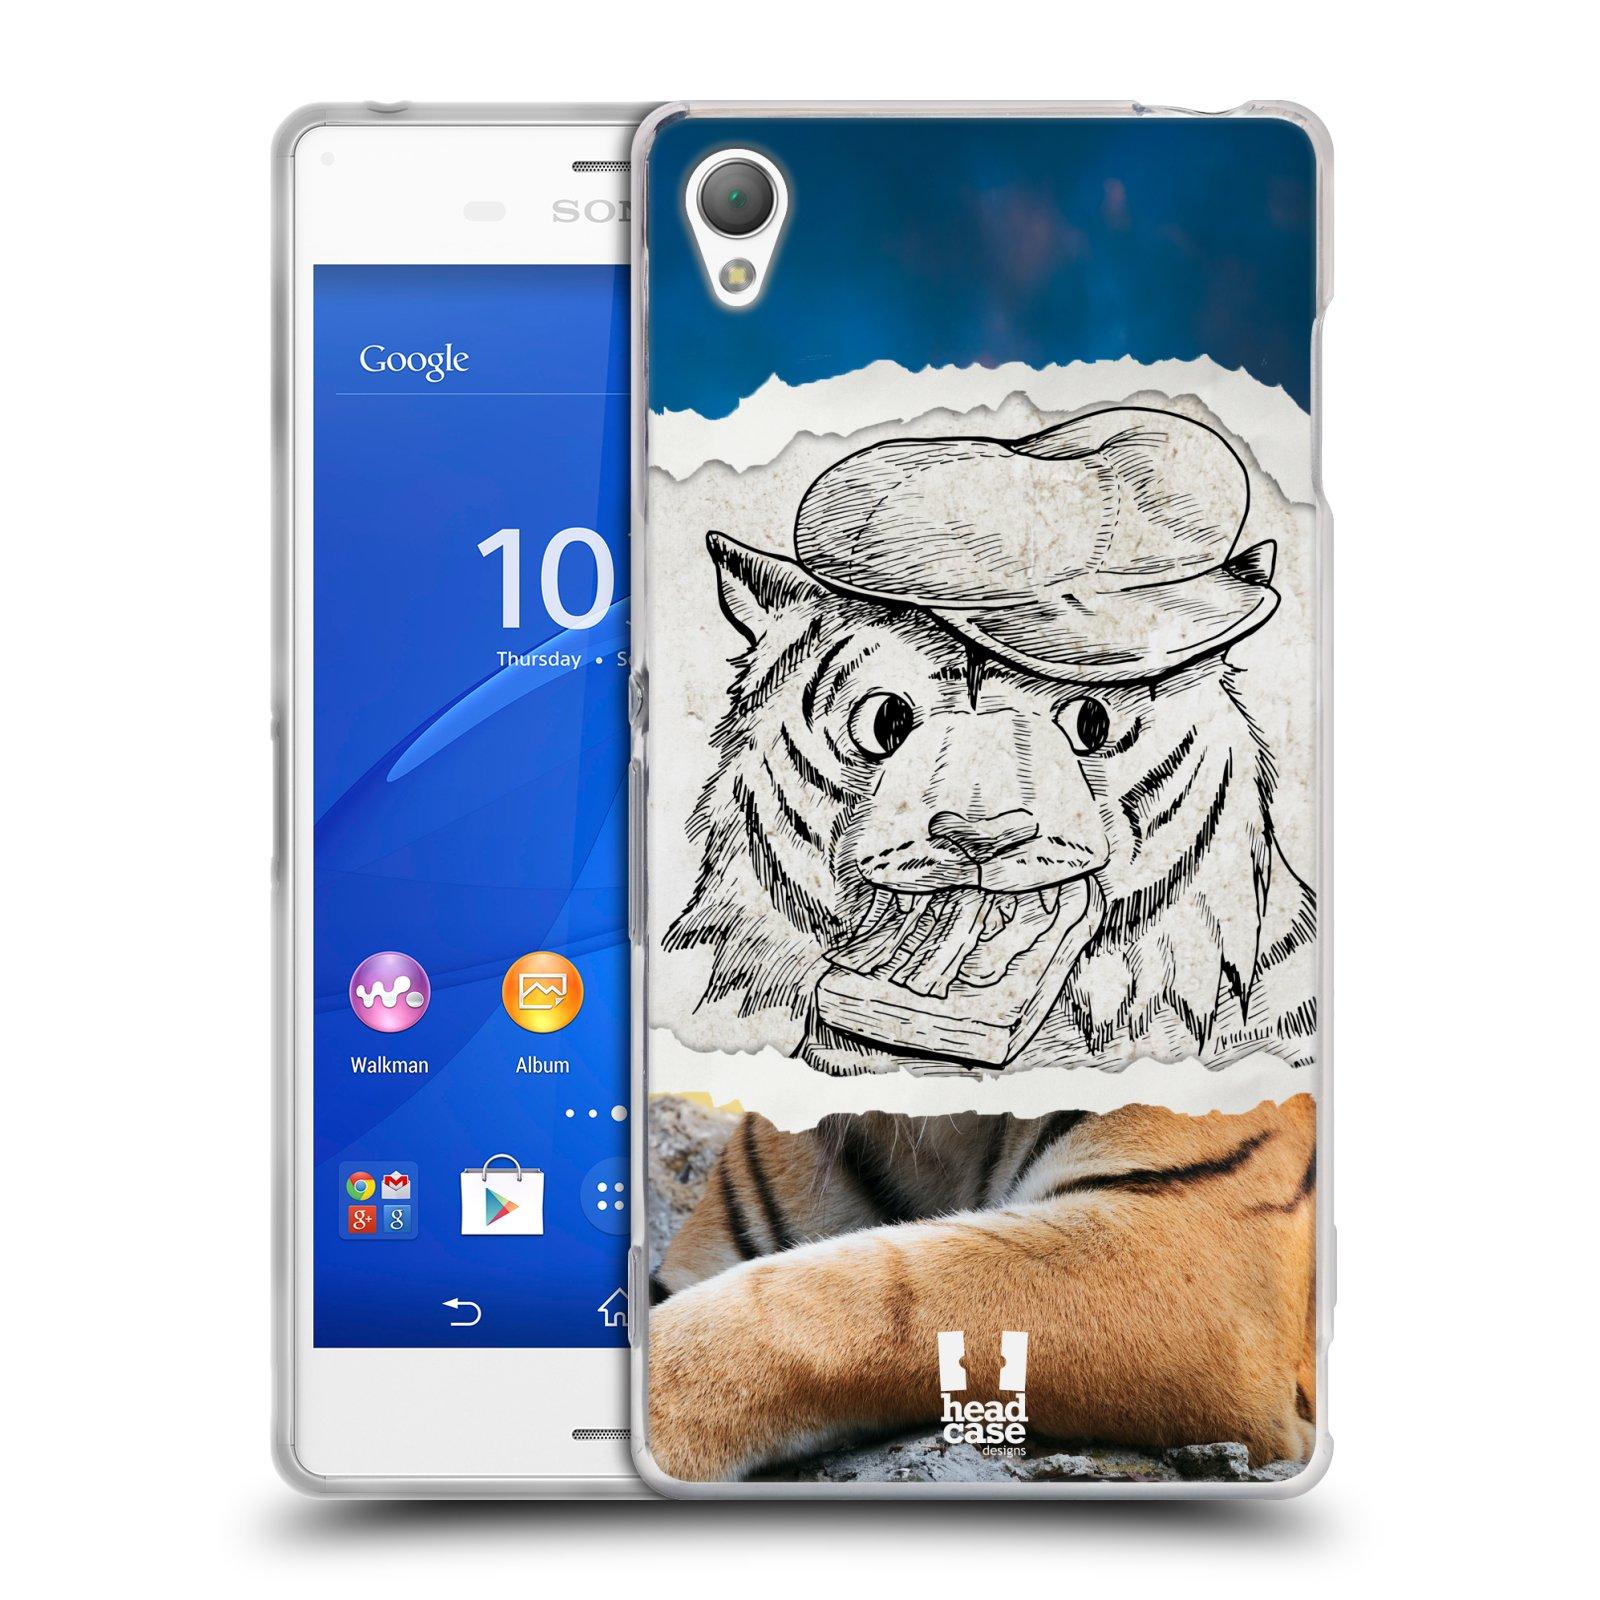 HEAD CASE silikonový obal na mobil Sony Xperia Z3 vzor zvířata koláž tygr fešák